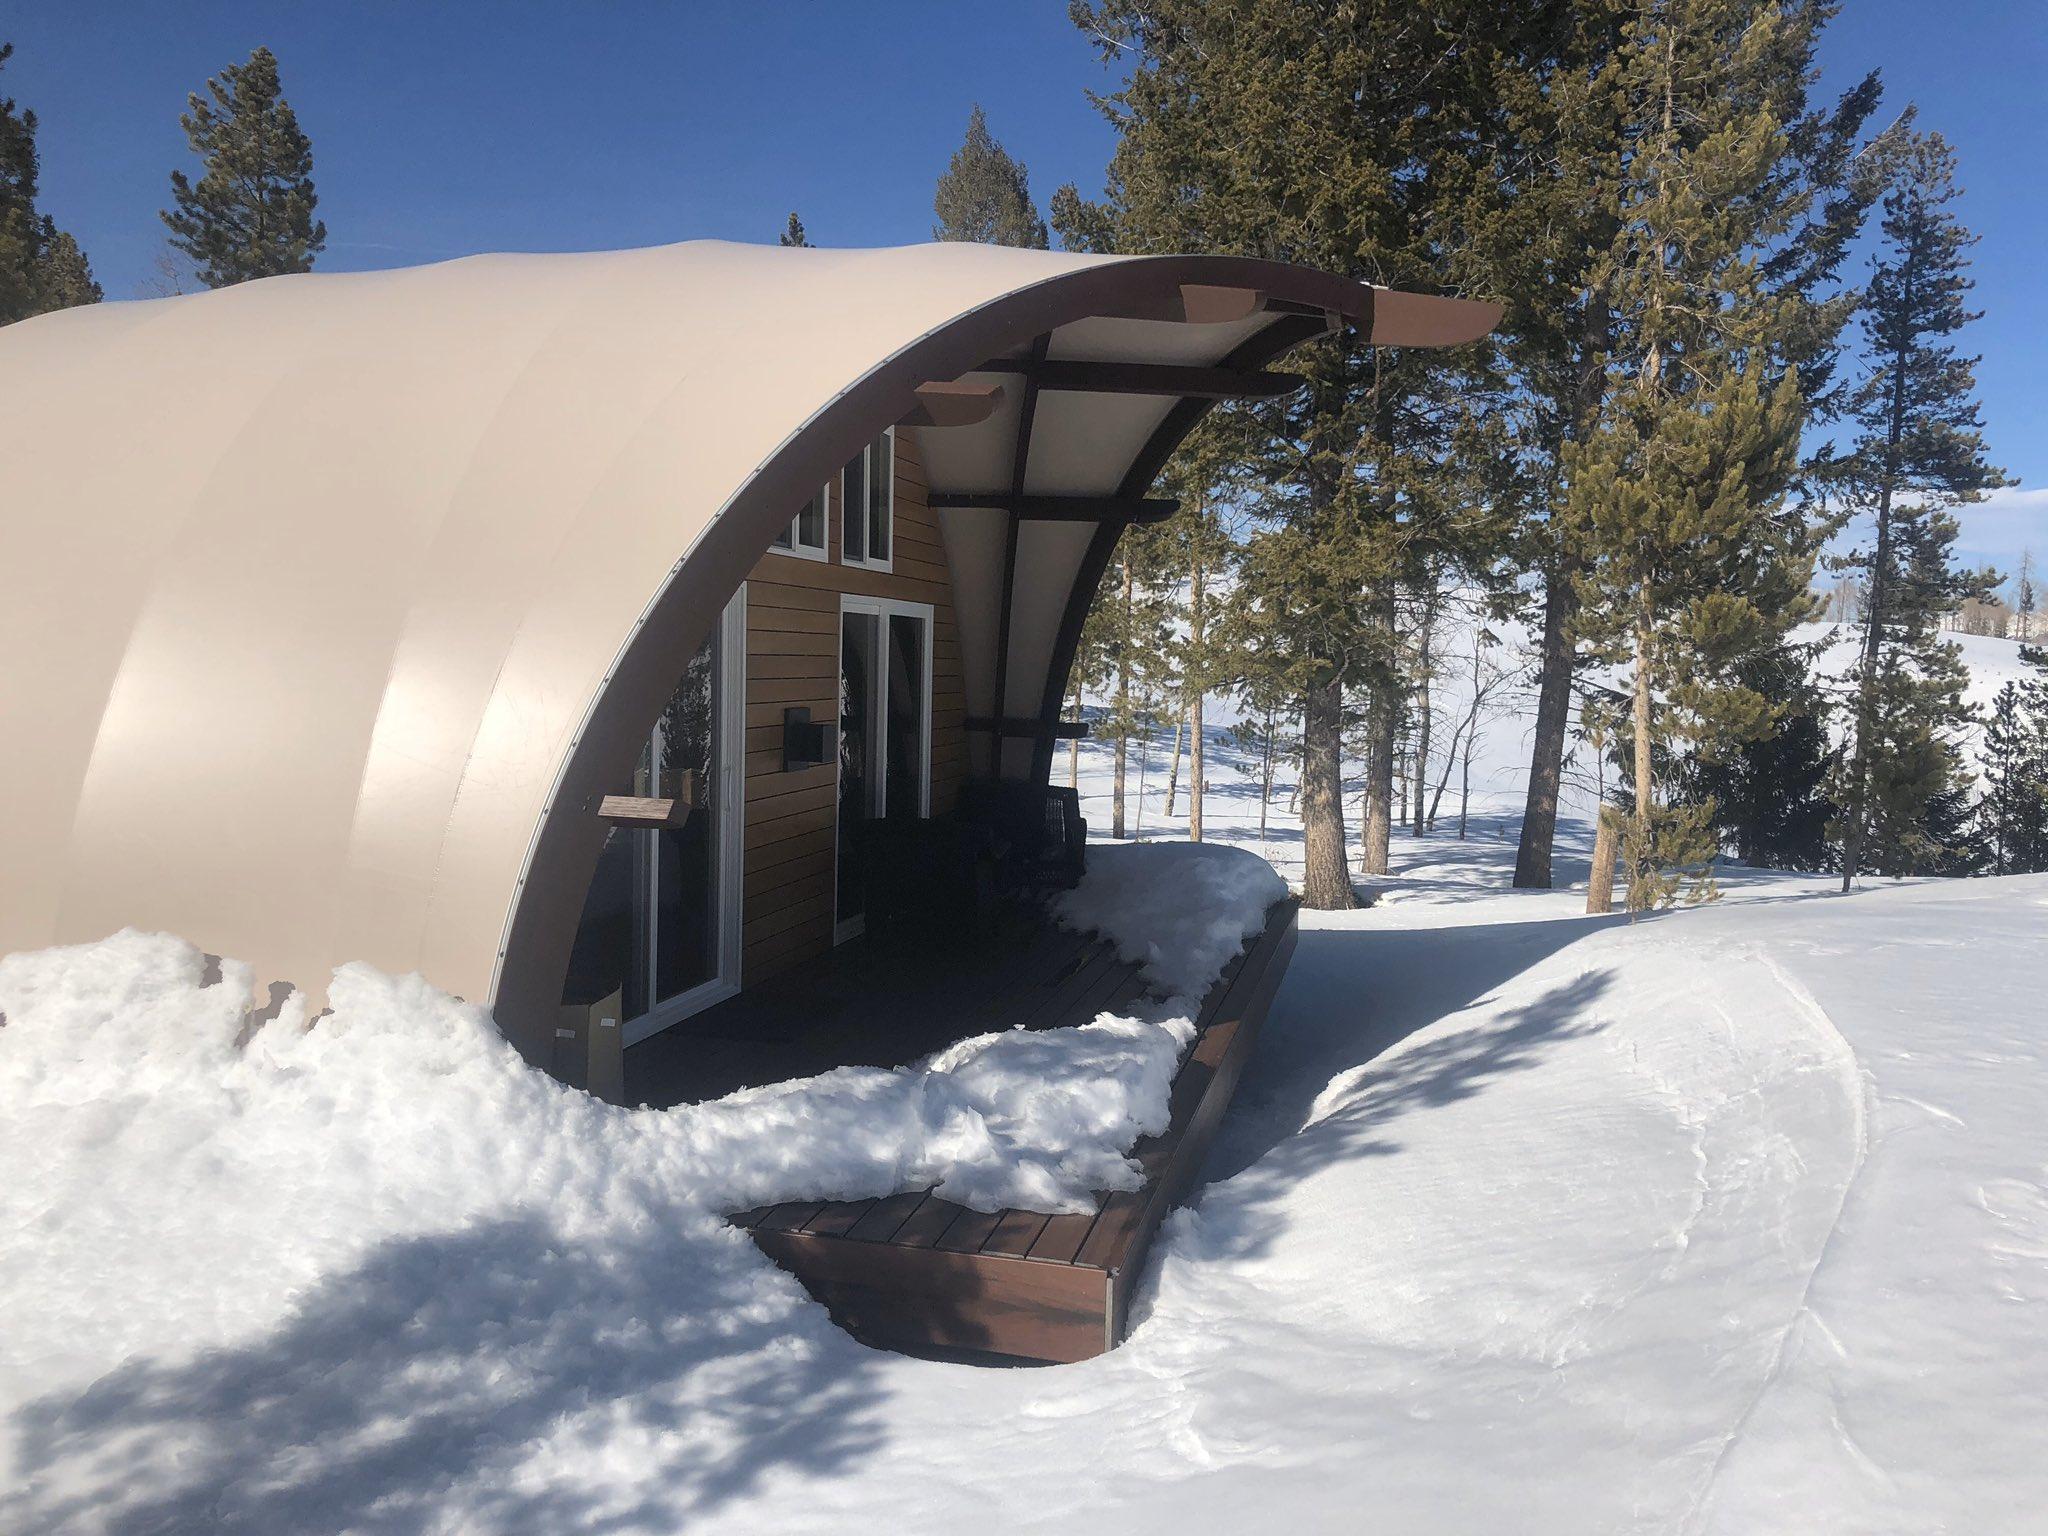 贝壳形状帐篷酒店